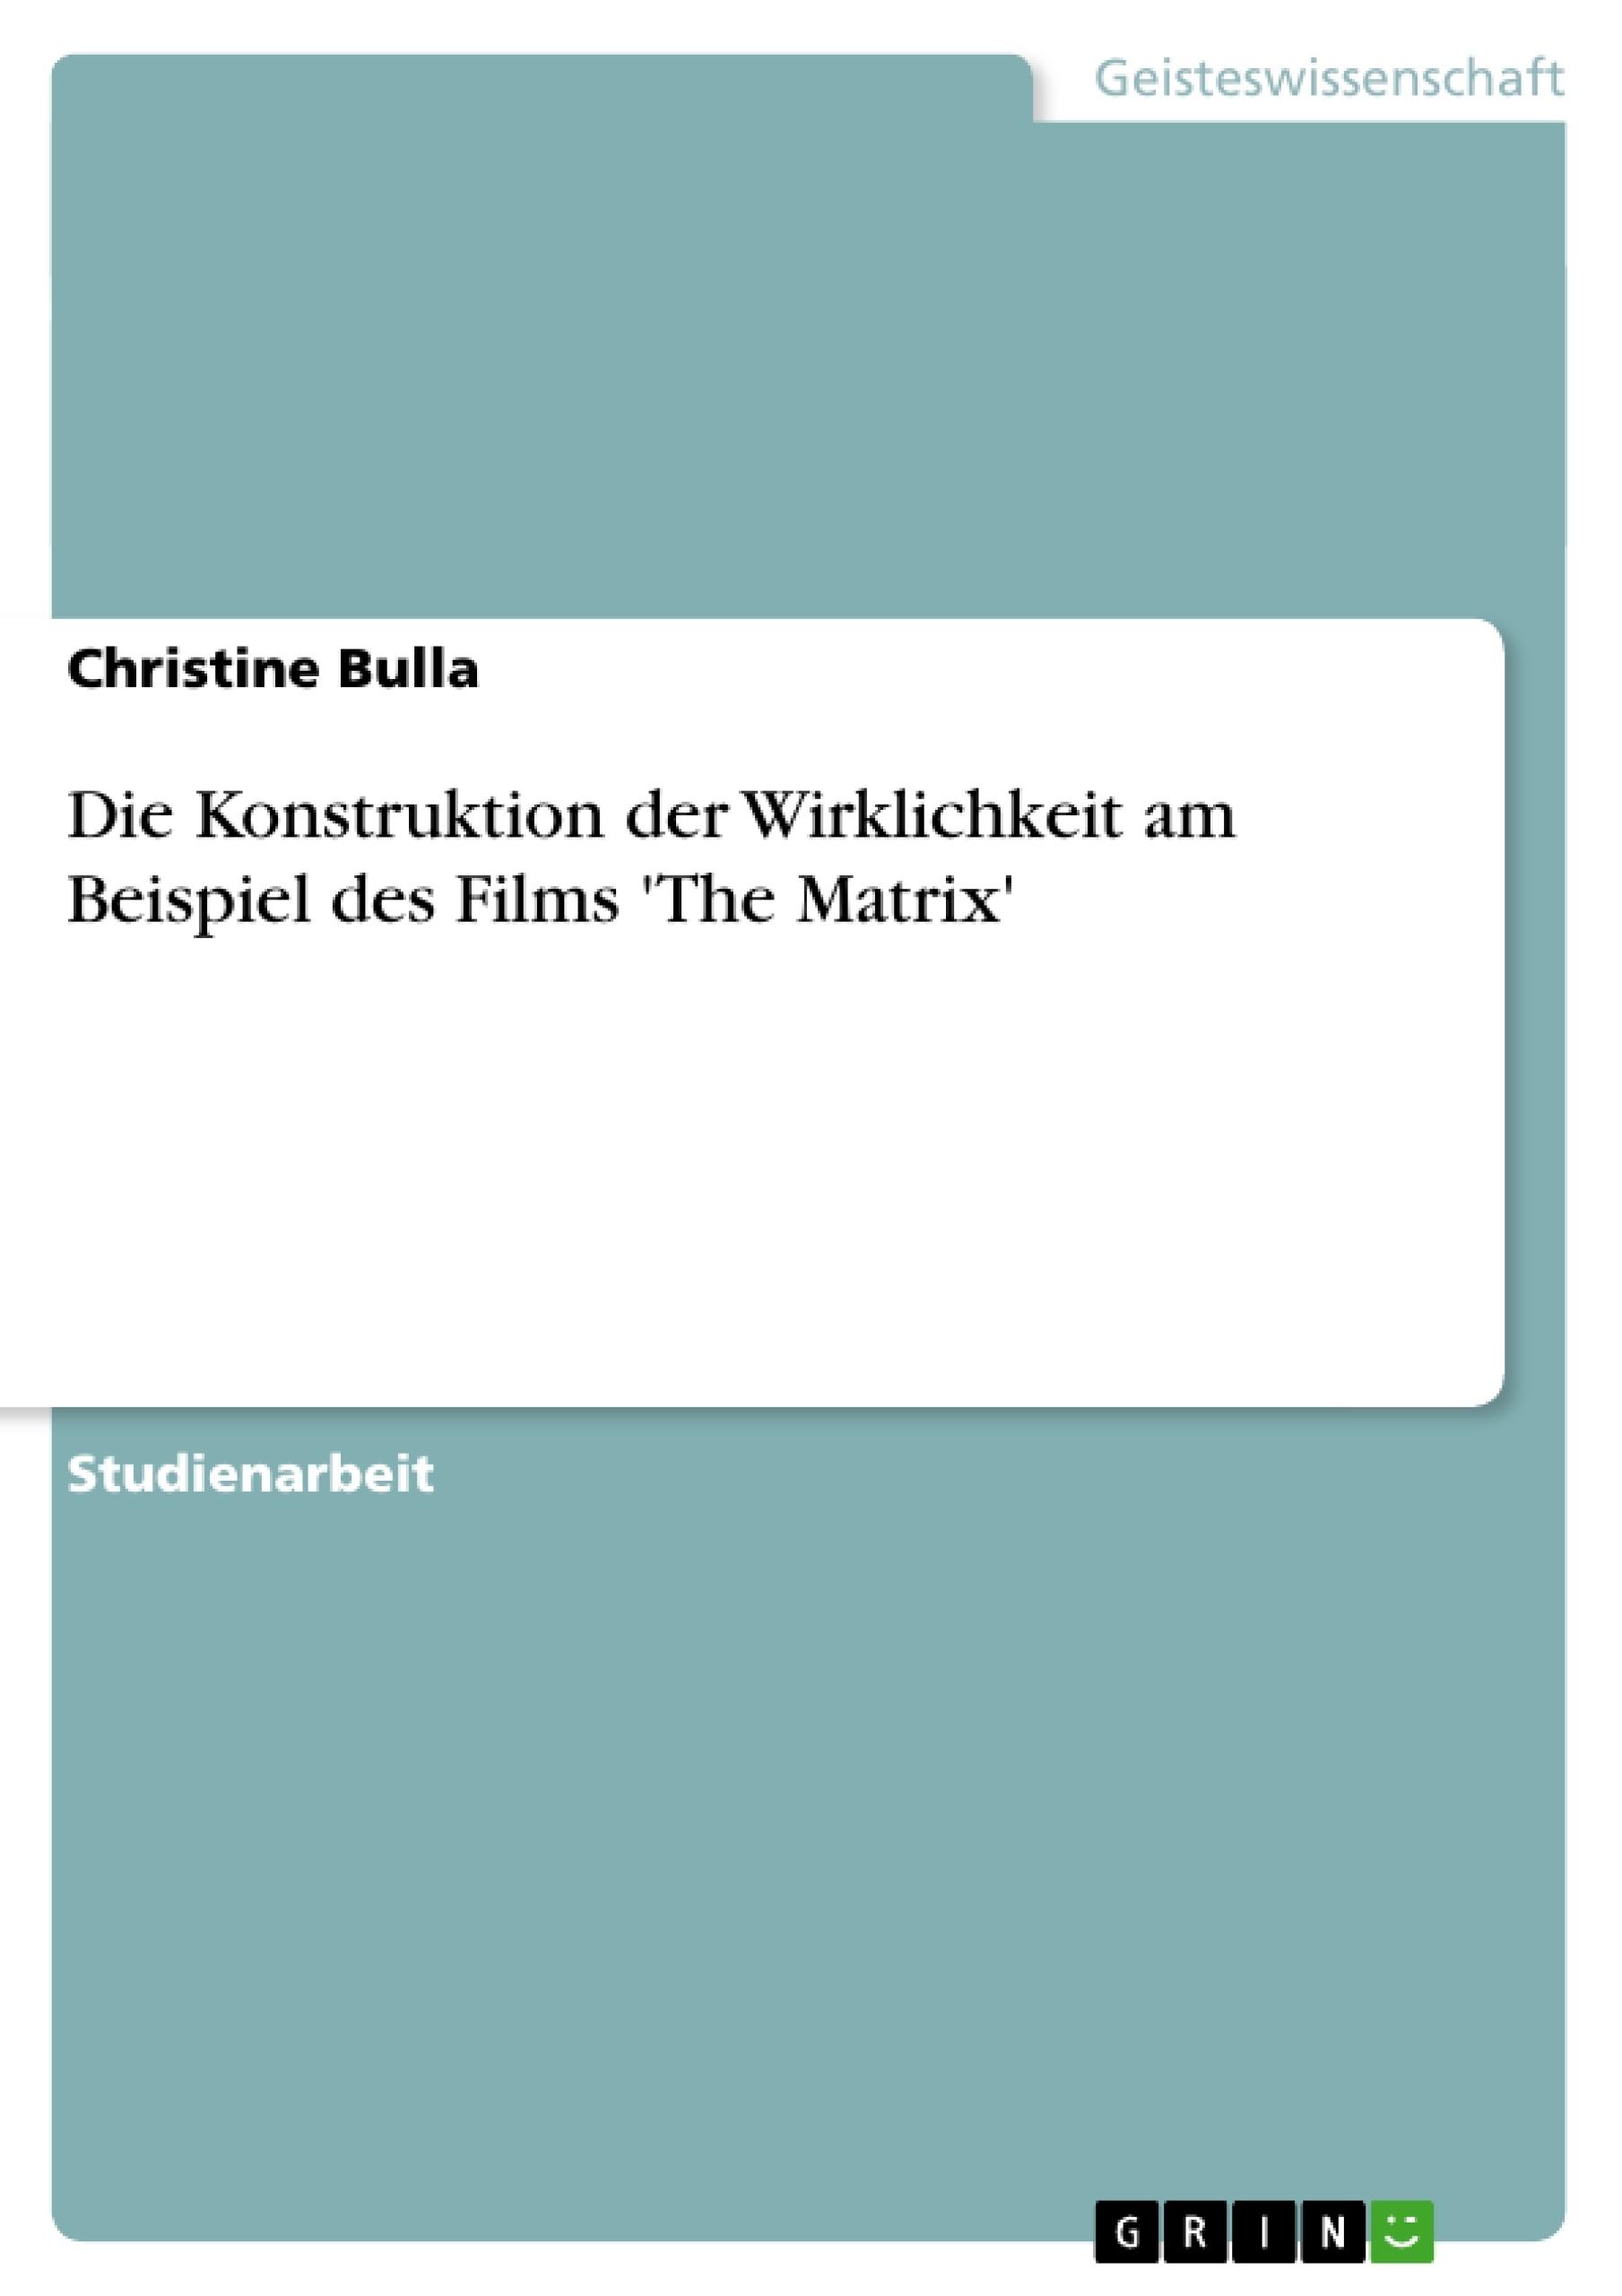 Titel: Die Konstruktion der Wirklichkeit am Beispiel des Films 'The Matrix'